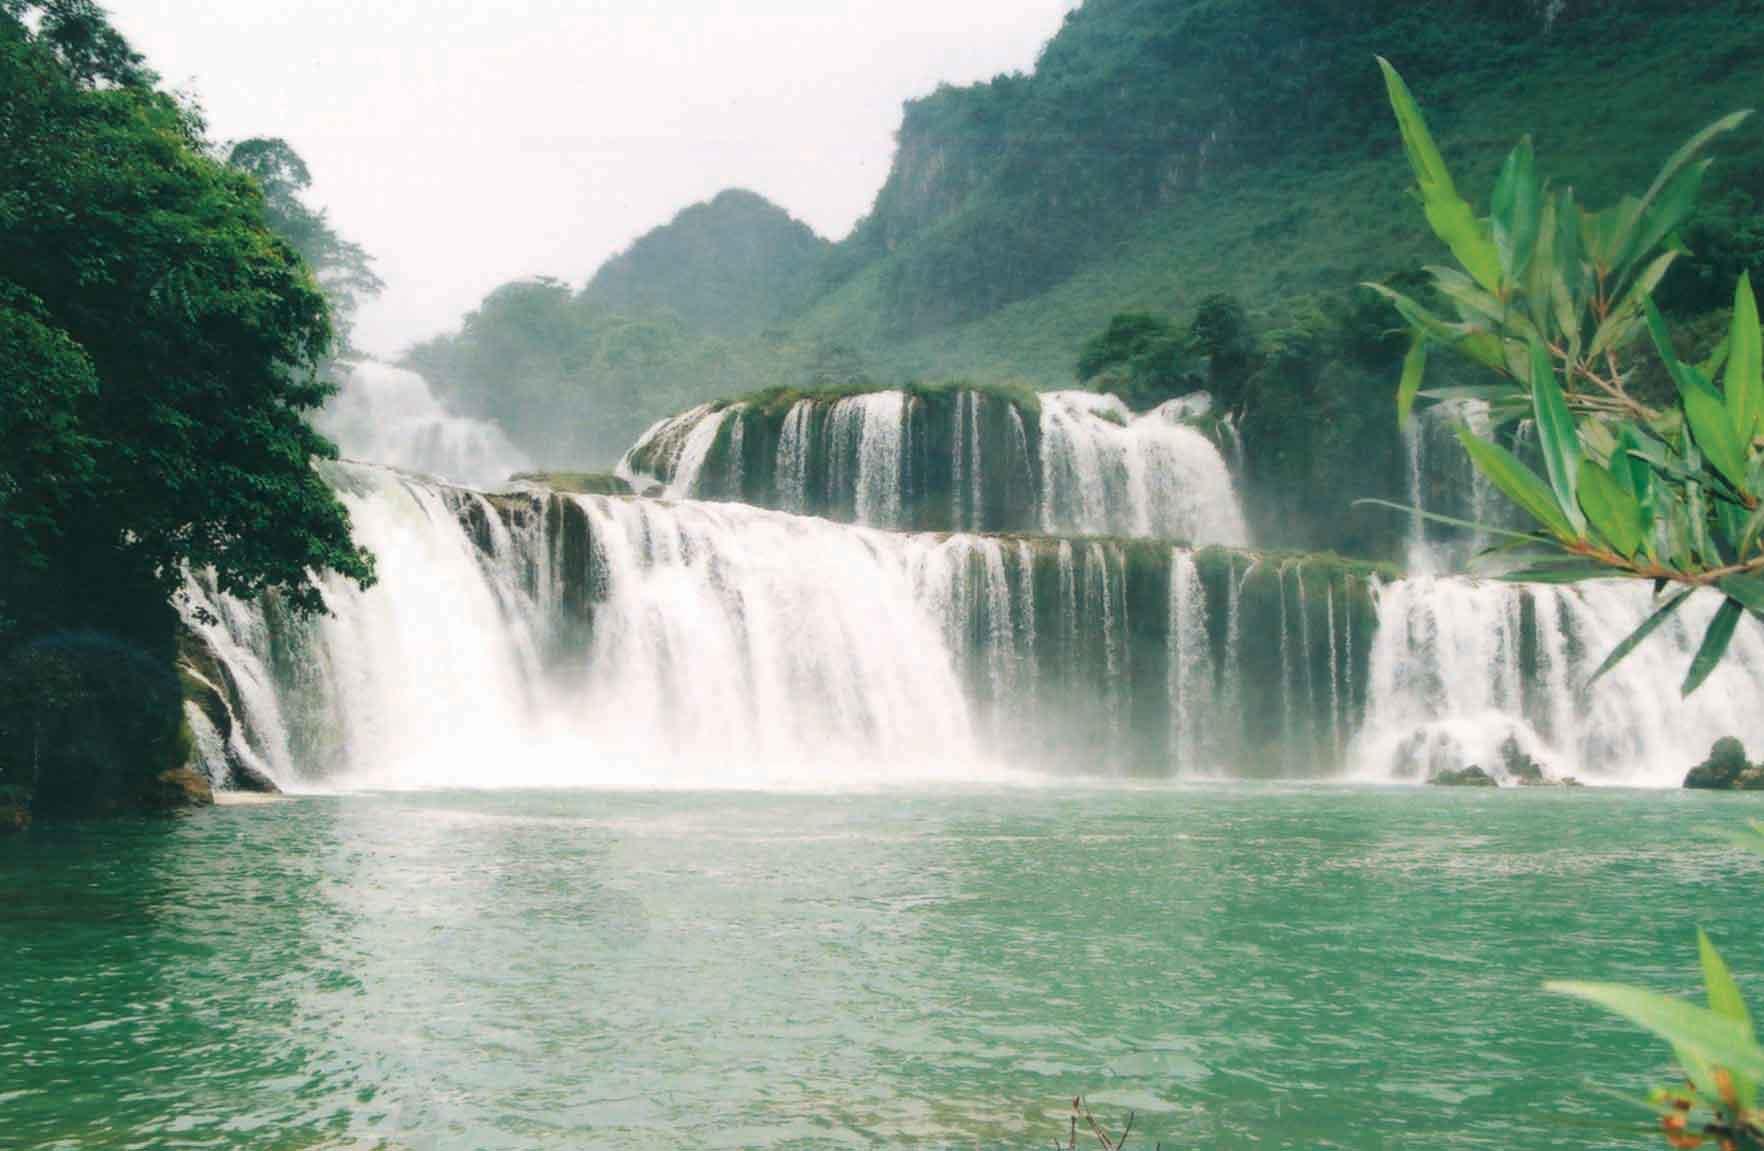 Vietnam Motorbike Tour to Ha Giang, Cao Bang, Yen Bai